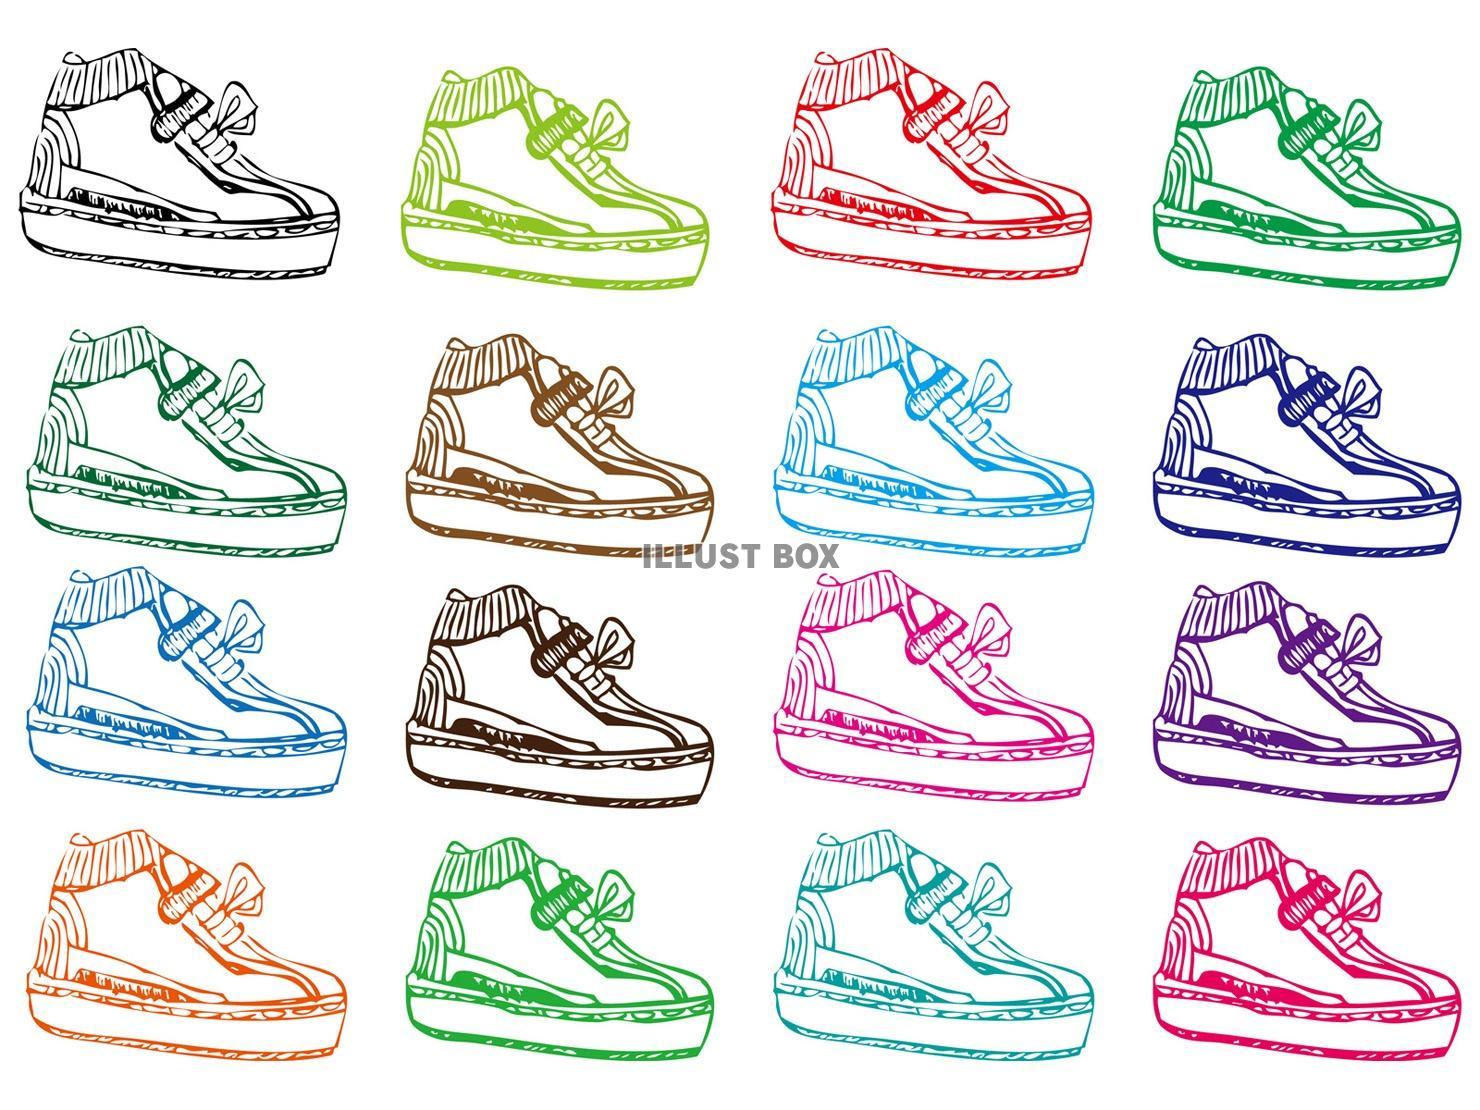 無料イラスト 運動靴スニーカー手書きイラスト素材背景,壁紙子供ブランド